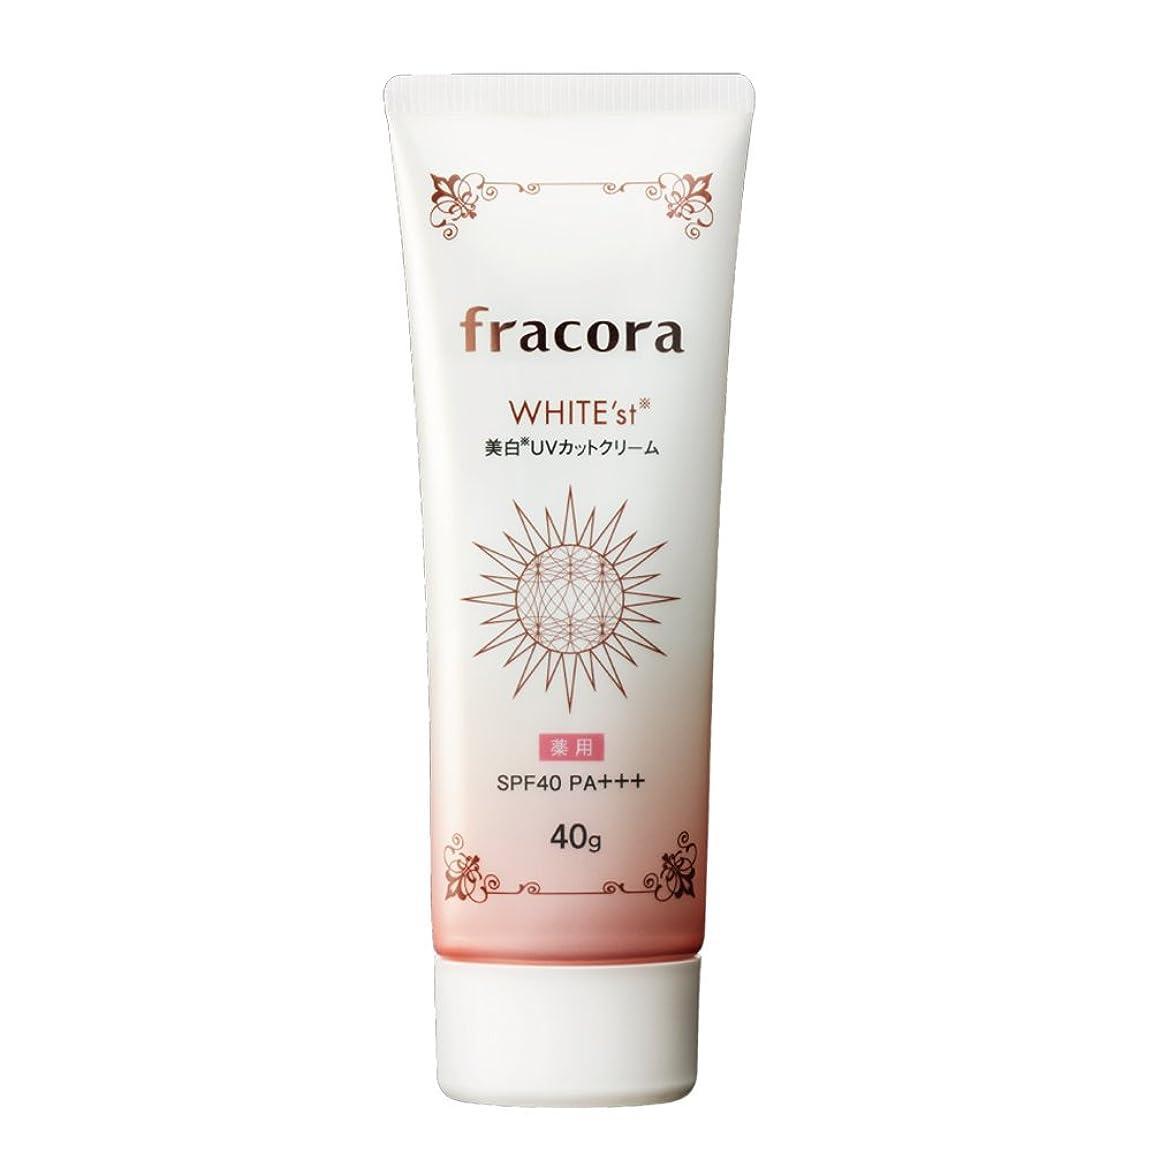 ボート第二に精神的にfracora(フラコラ) ホワイテスト 美白UVカットクリーム 40g